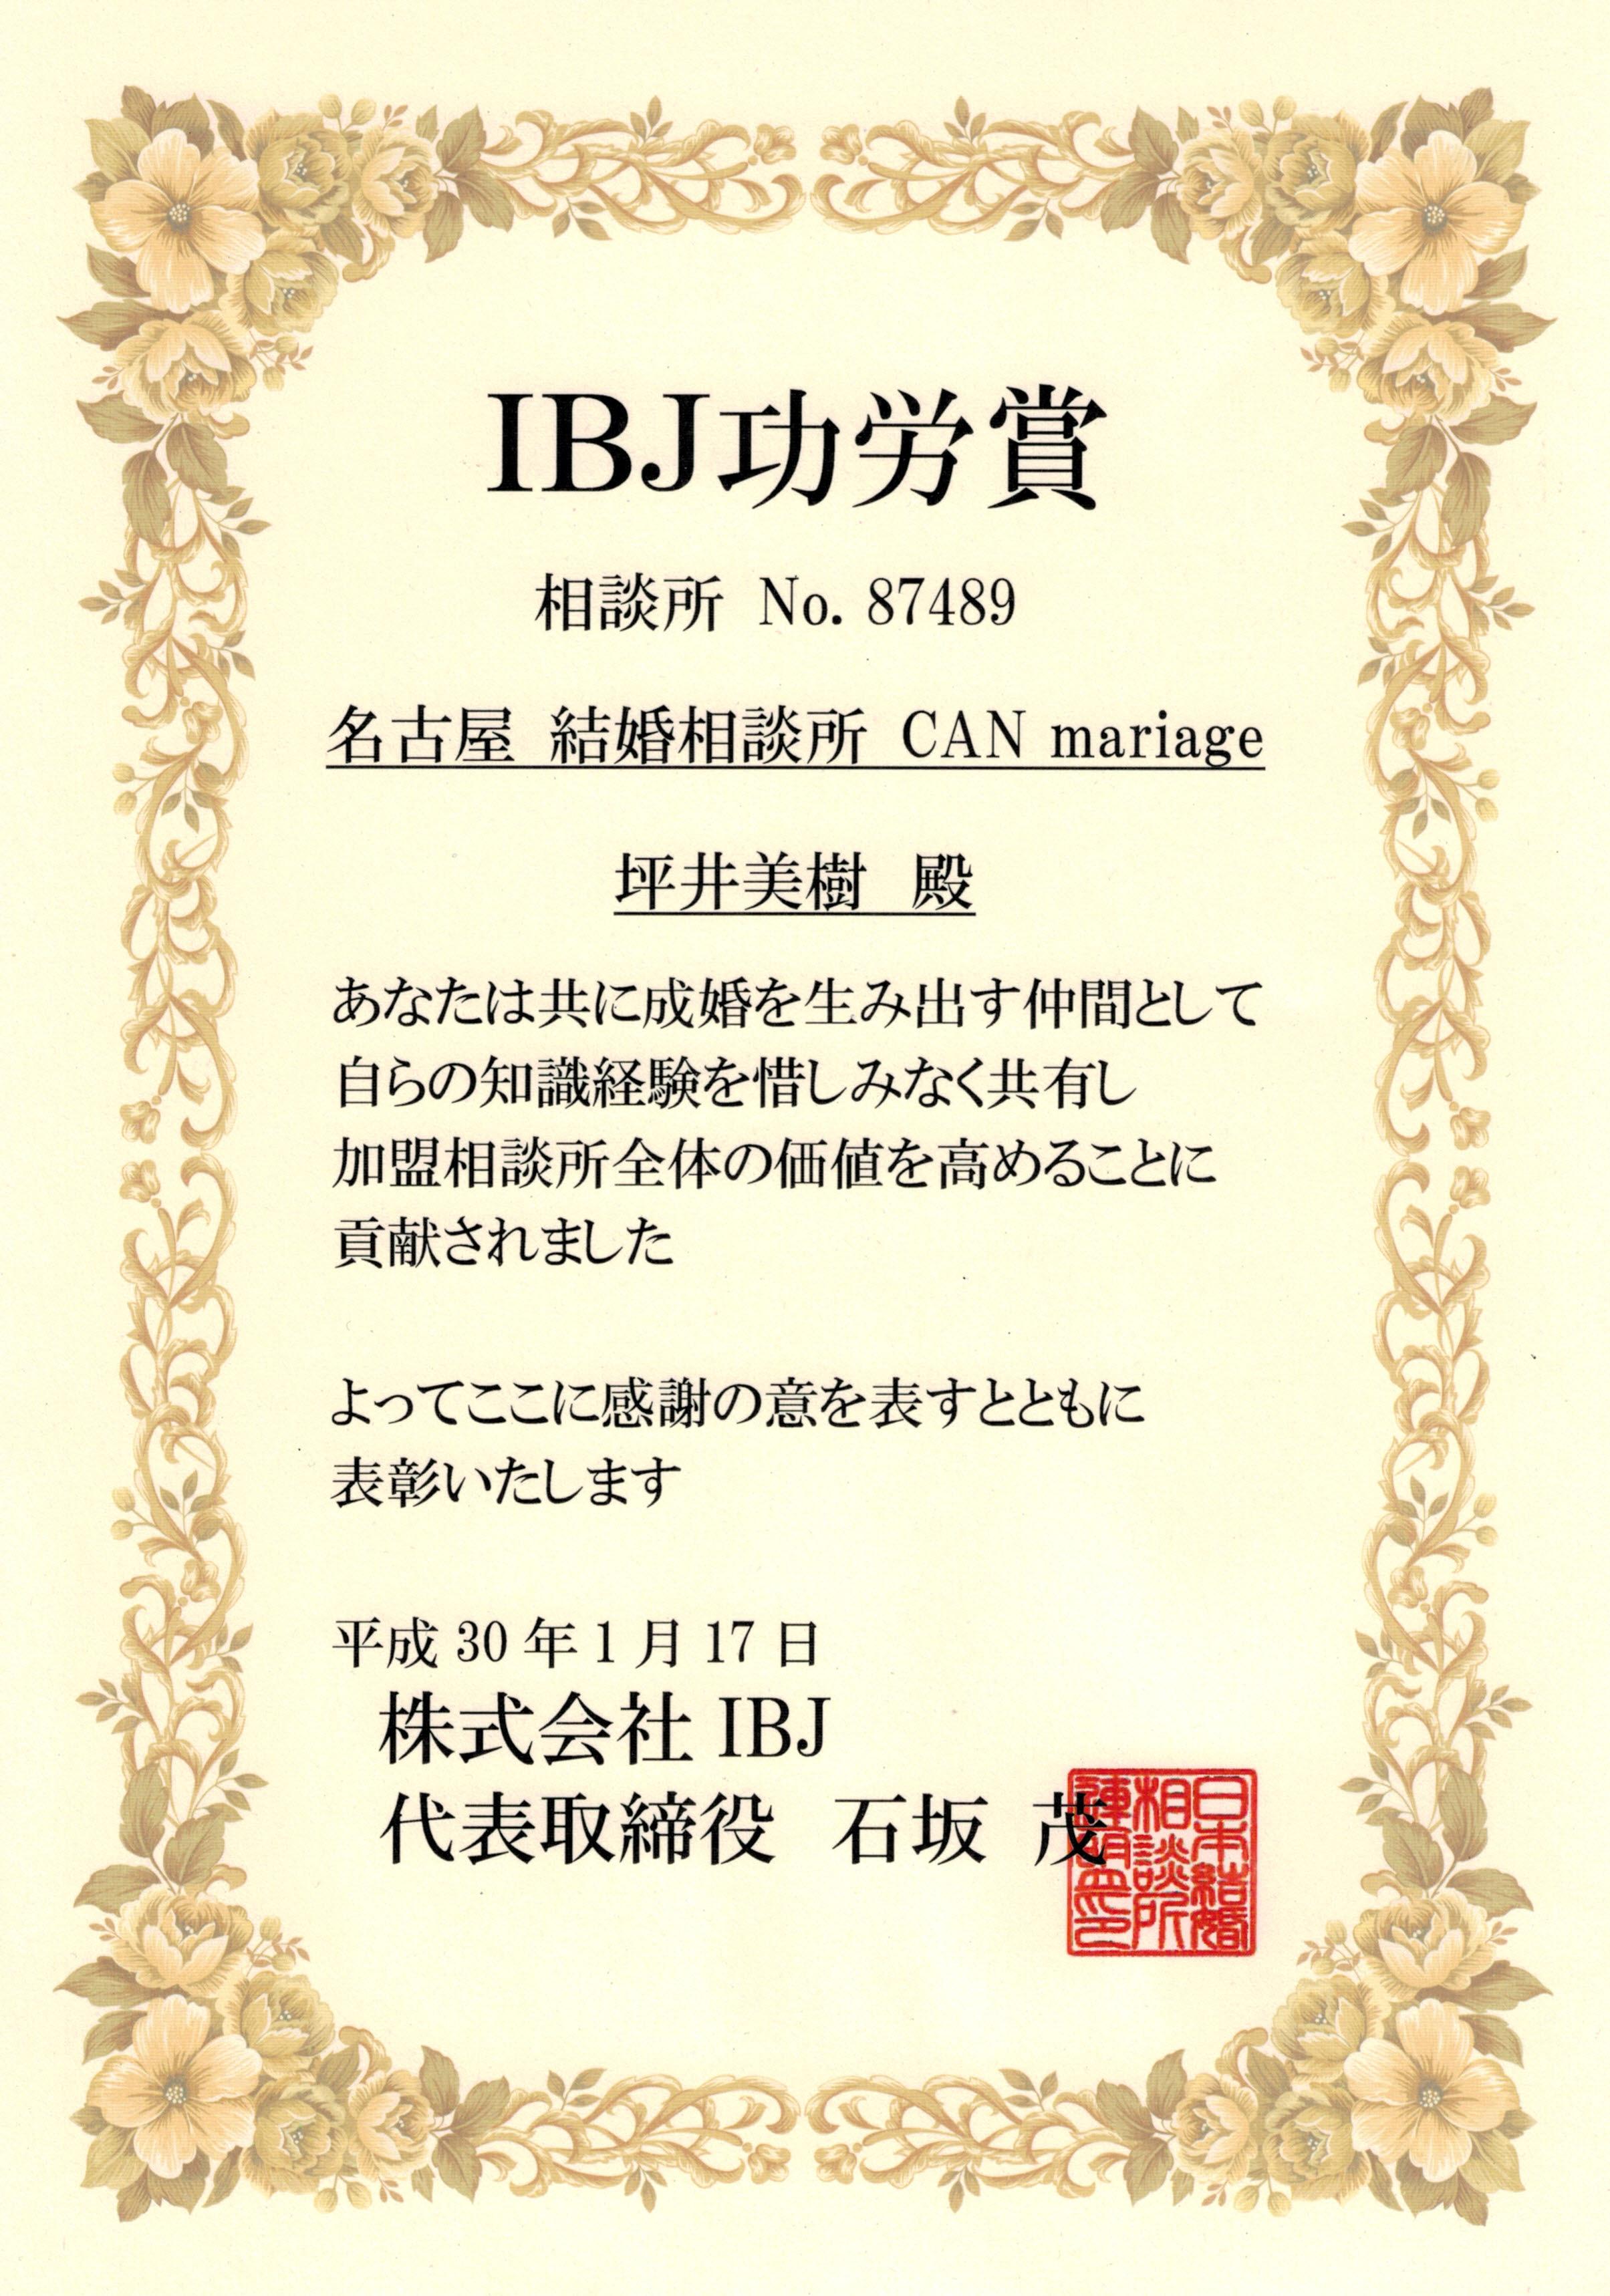 名古屋新栄本店 株式会社IBJの2018年 IBJ功労賞を受賞いたしました。